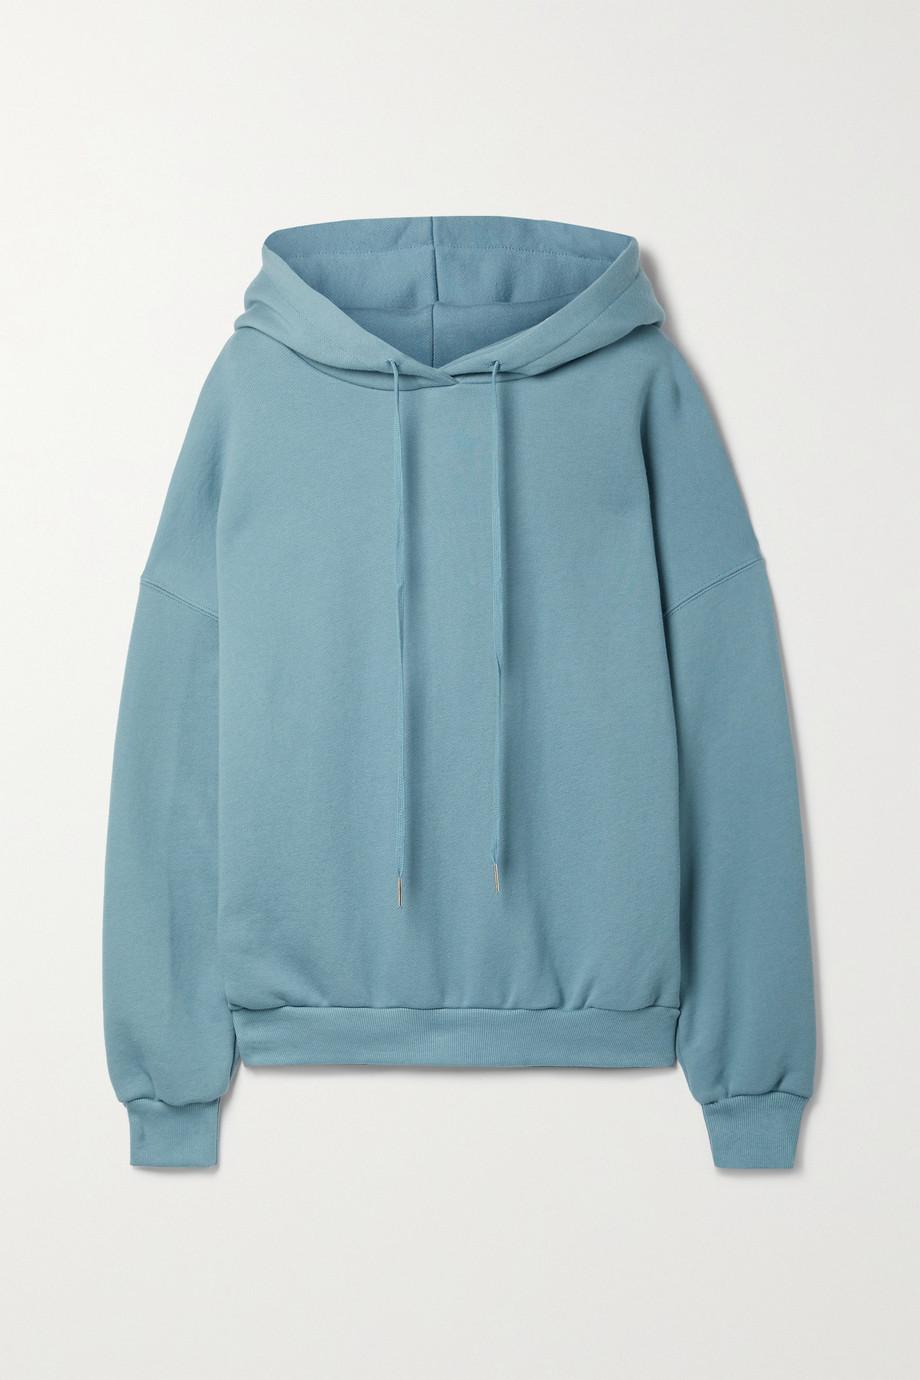 Frankie Shop Sweat à capuche en jersey de coton biologique Vanessa